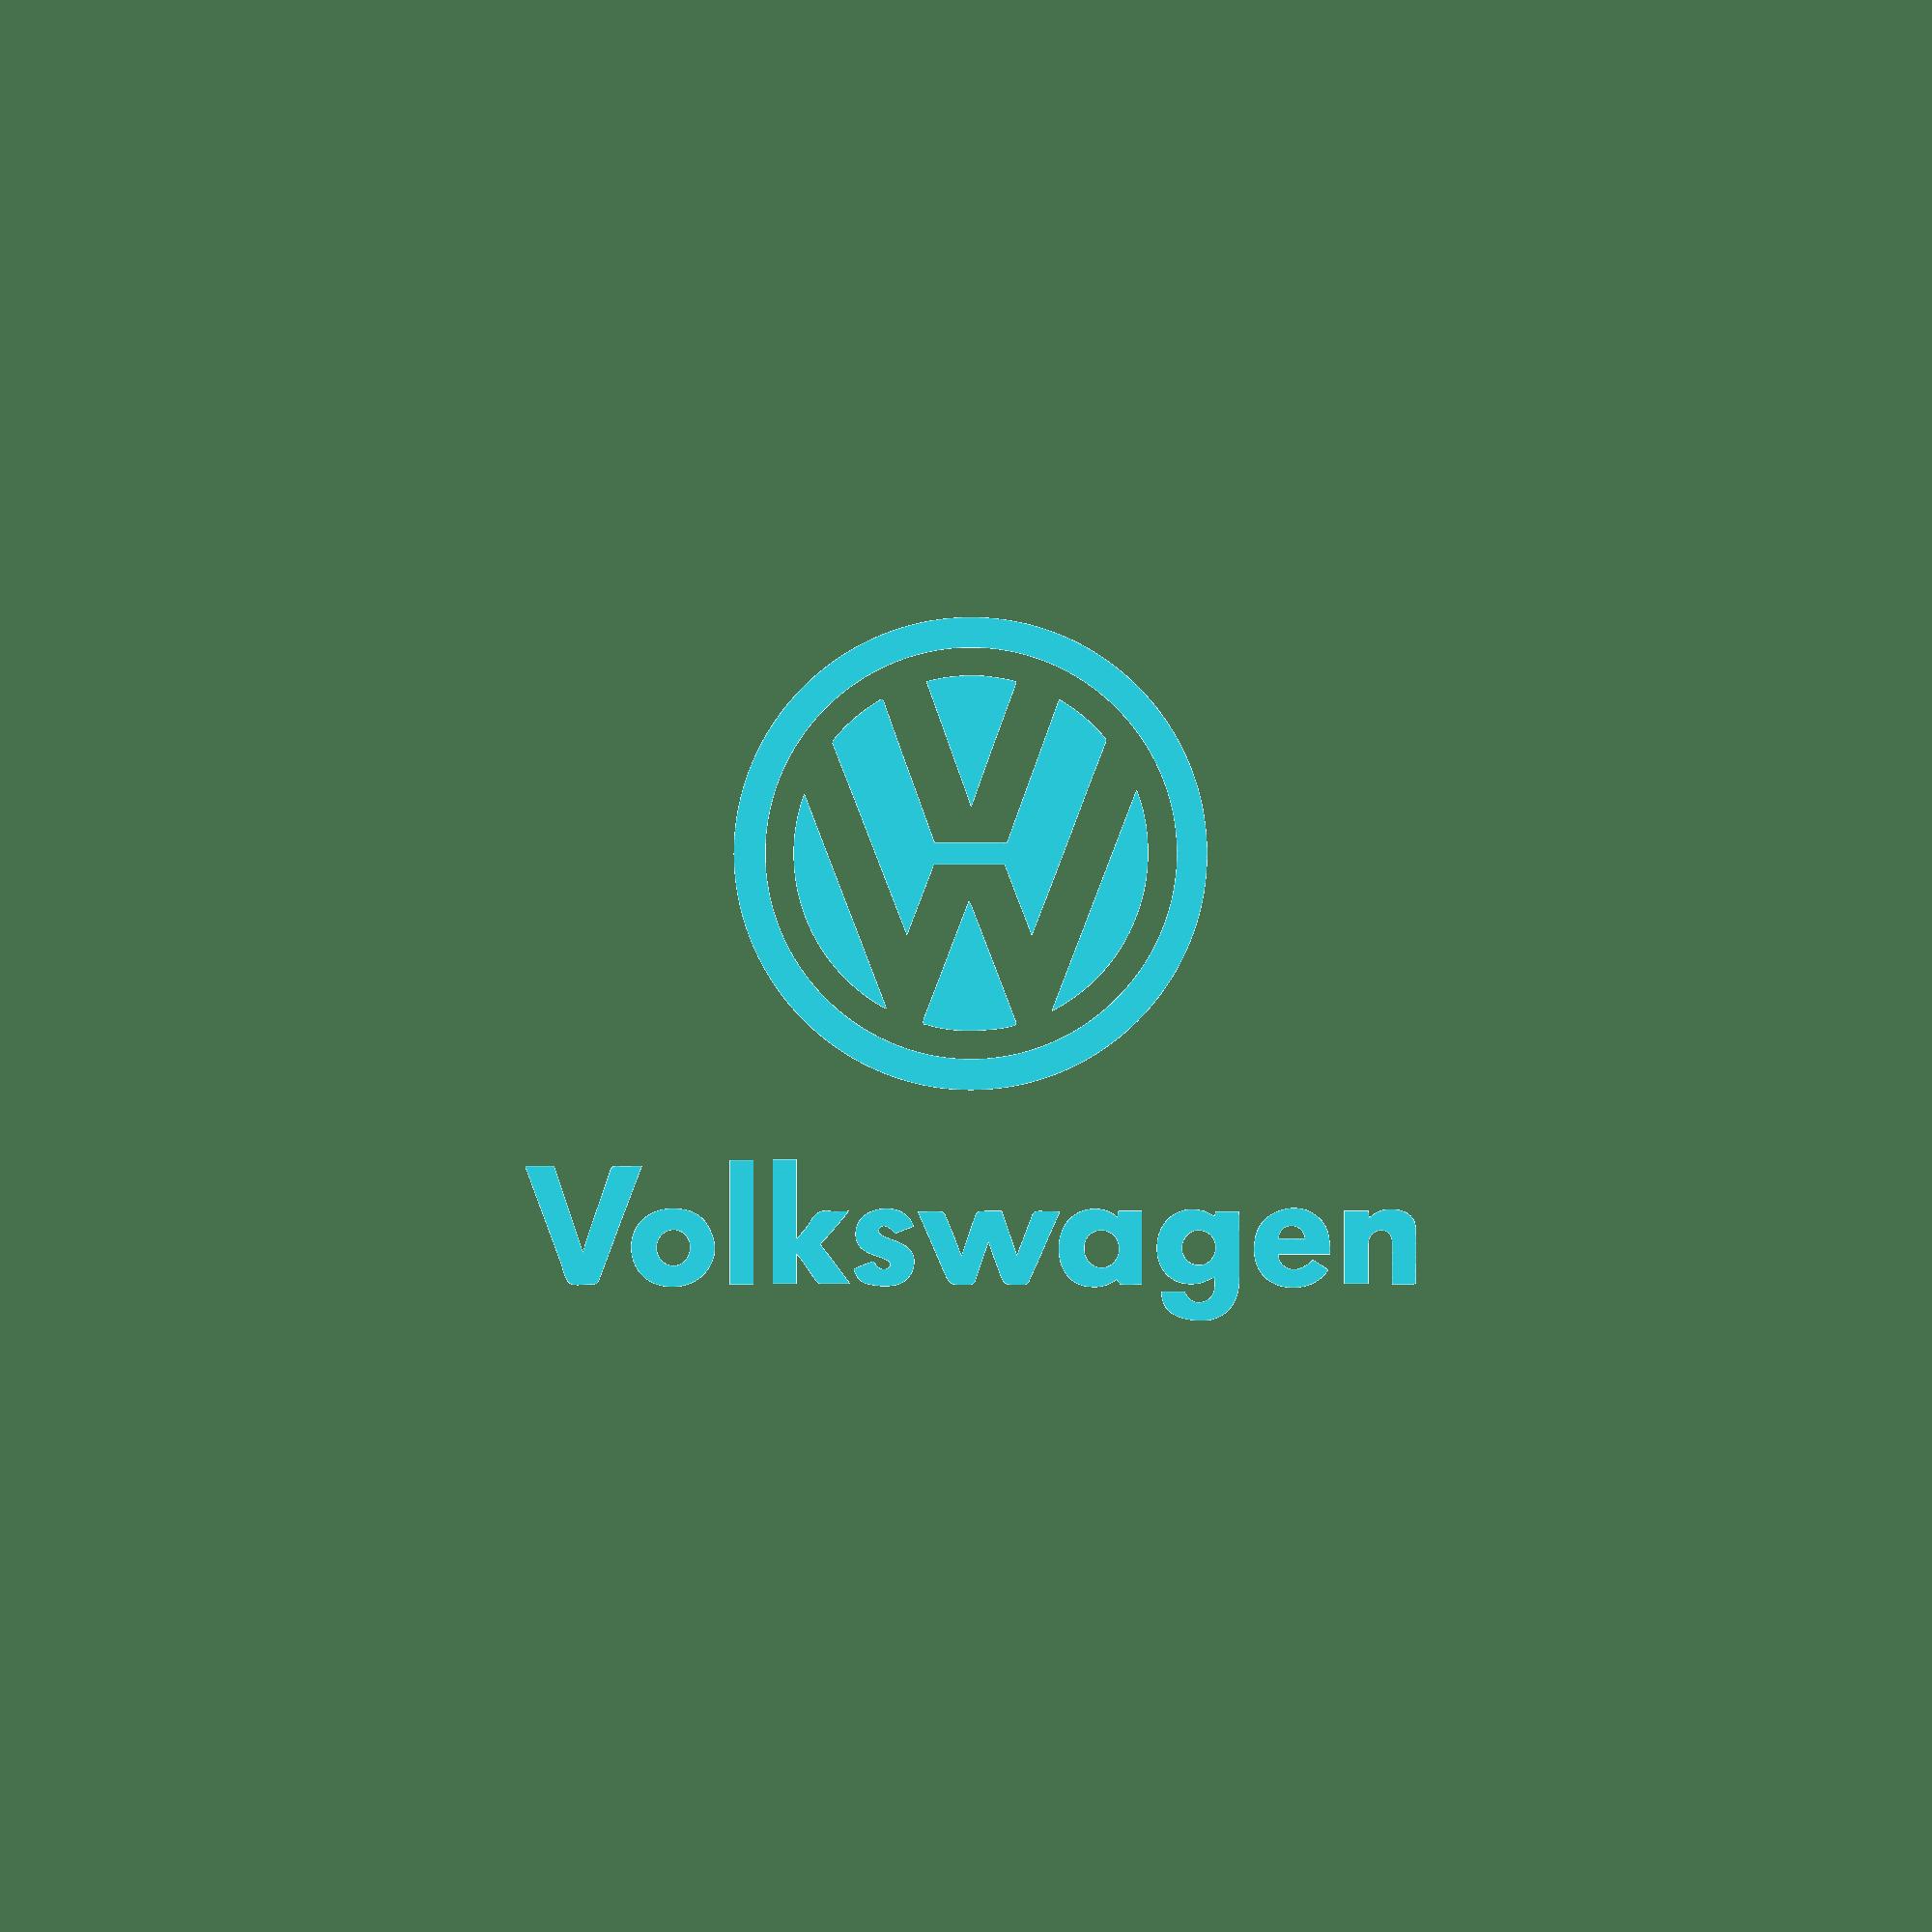 16zu9 vw volkwagen logo türkis